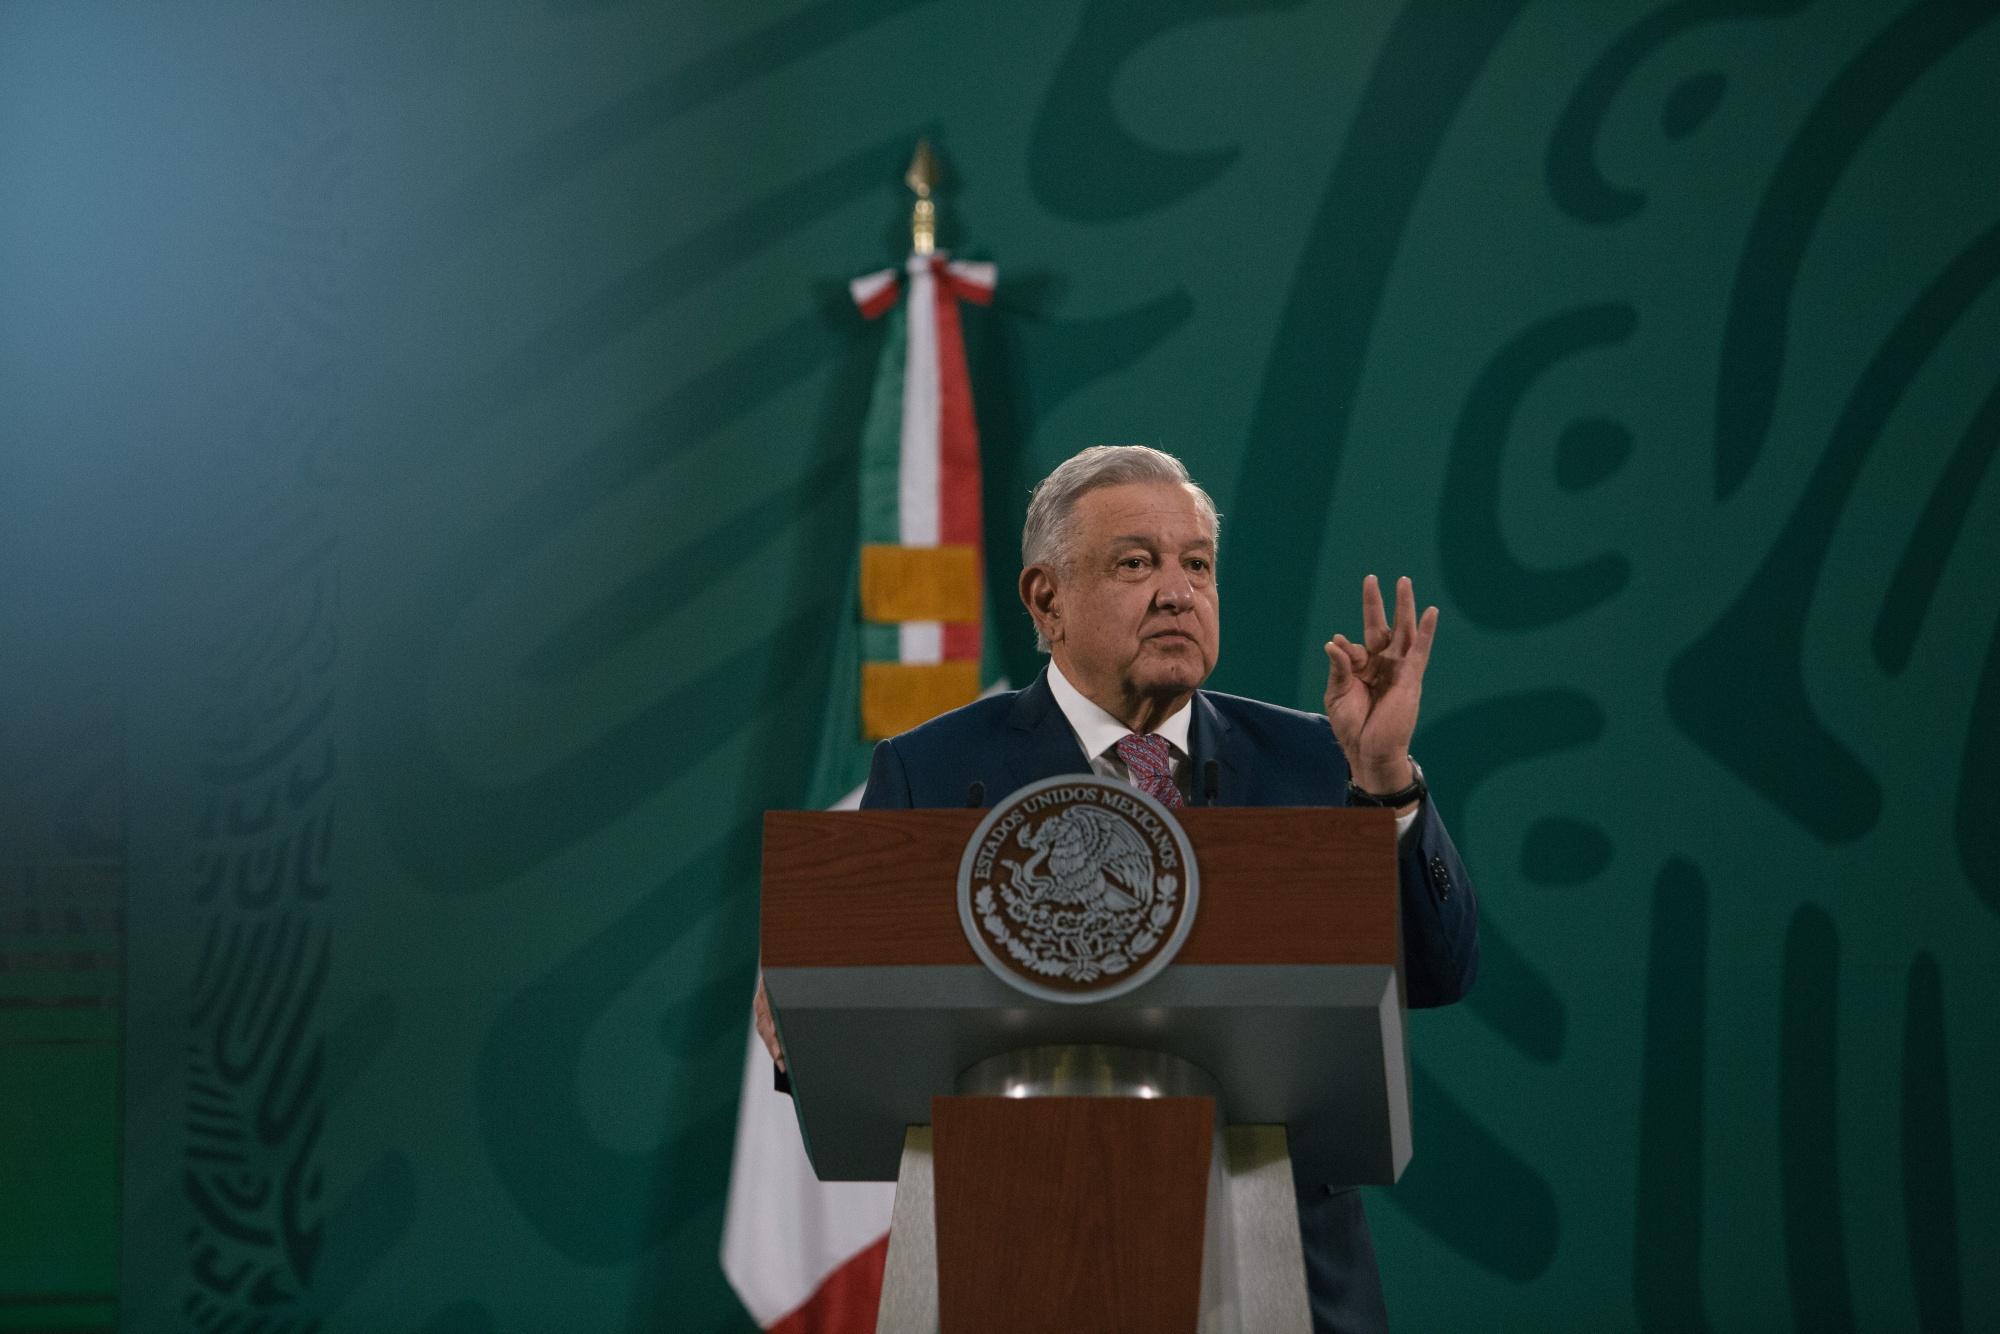 El presidente López Obrador tiene la primera explicación tras la infección del Govt-19